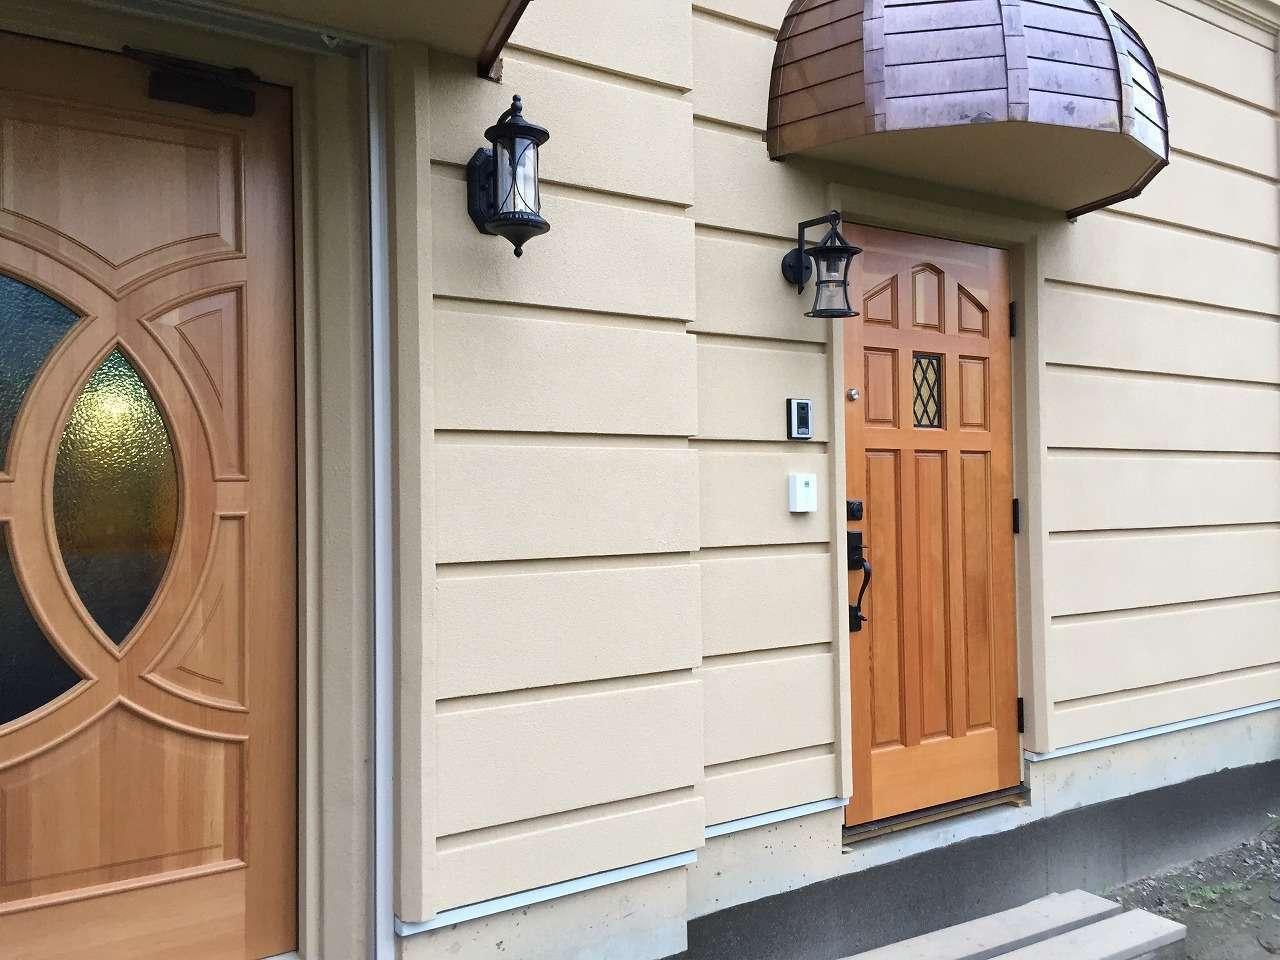 ツリーズ【デザイン住宅、輸入住宅、建築家】経年変化が美しい銅製の軒が目印